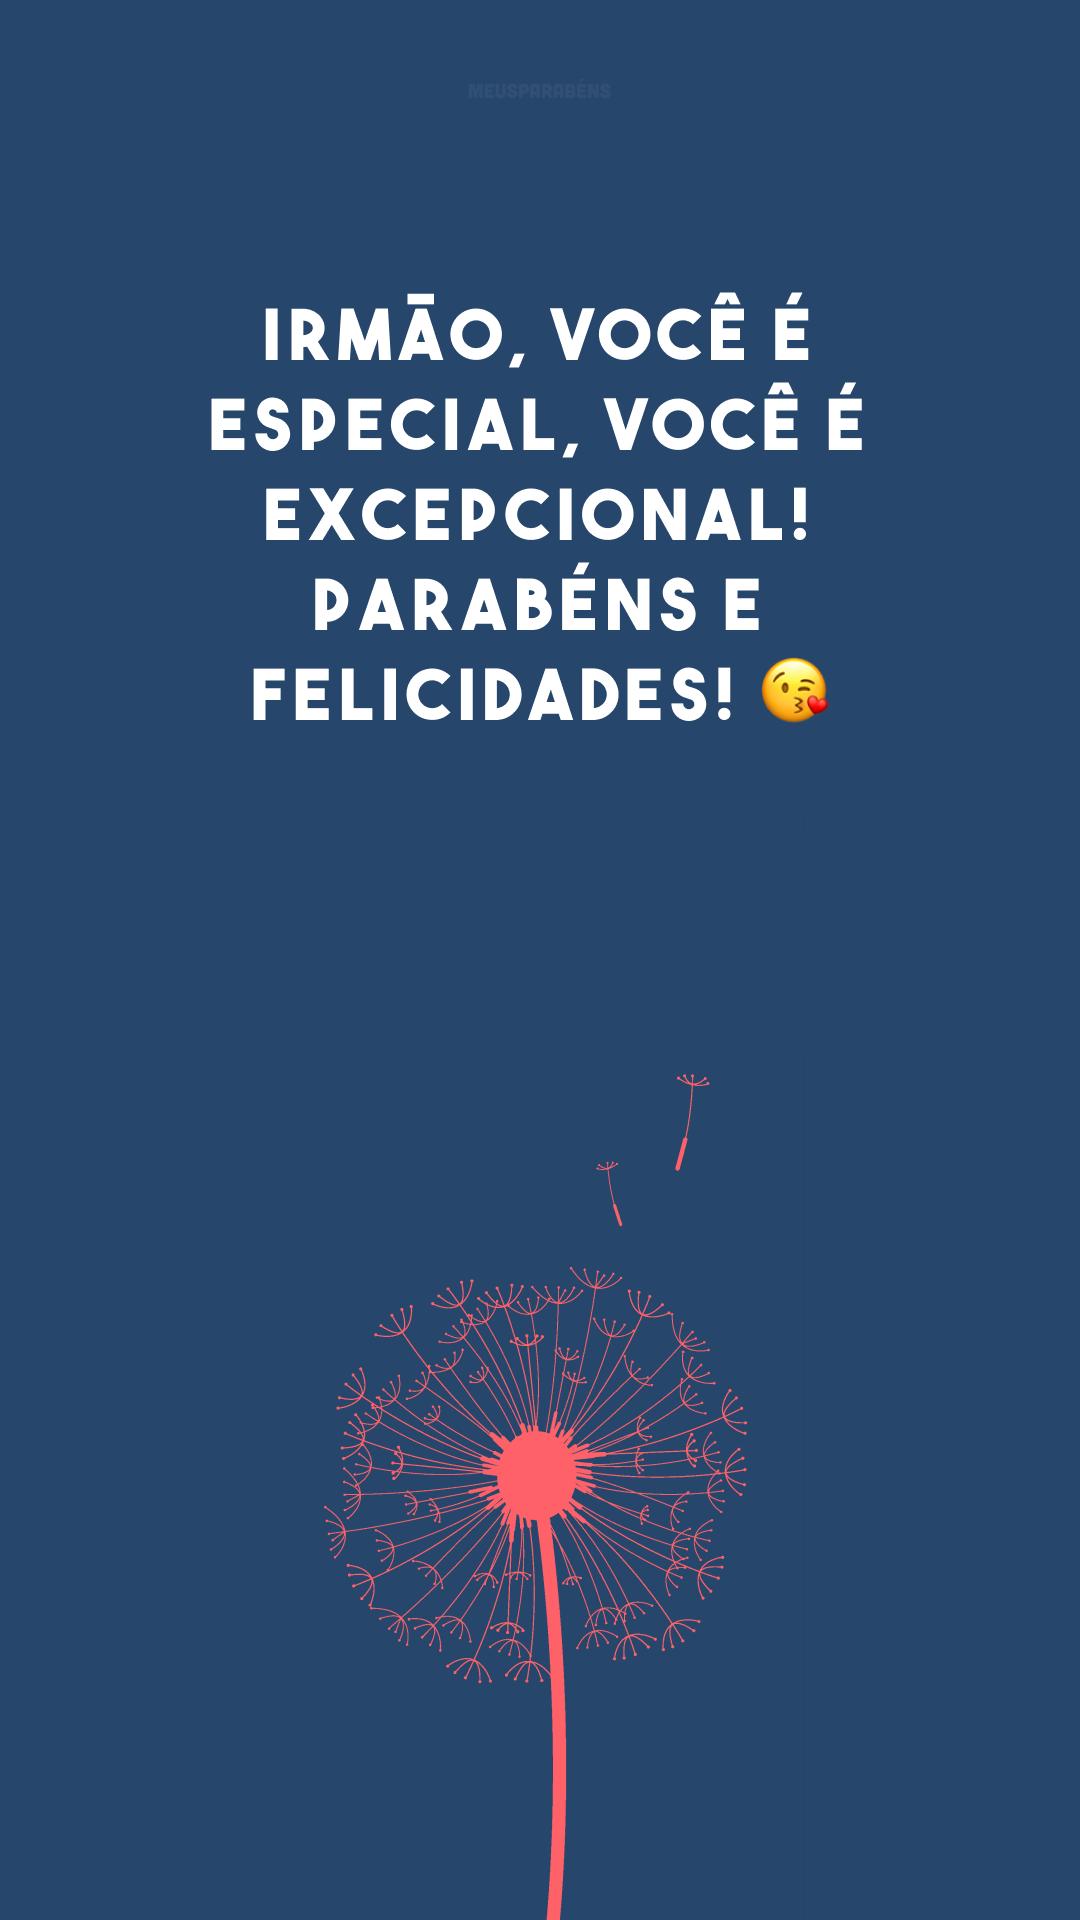 Irmão, você é especial, você é excepcional! Parabéns e felicidades! 😘